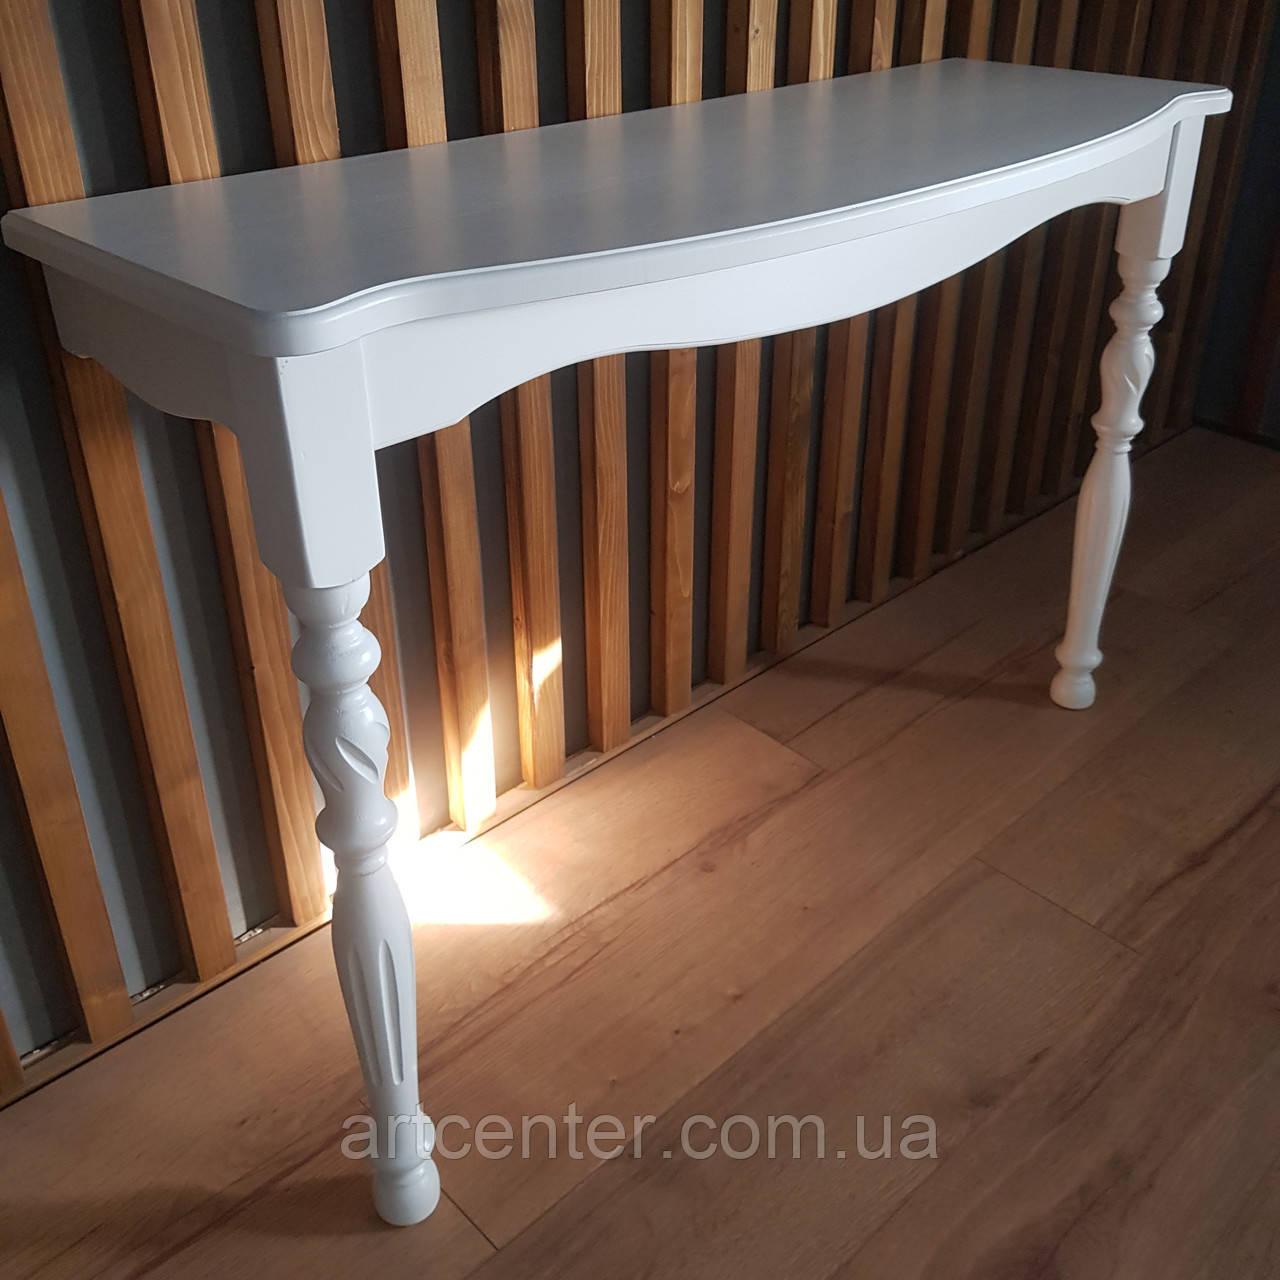 Приставний консольний стіл білого кольору з фігурними ніжками